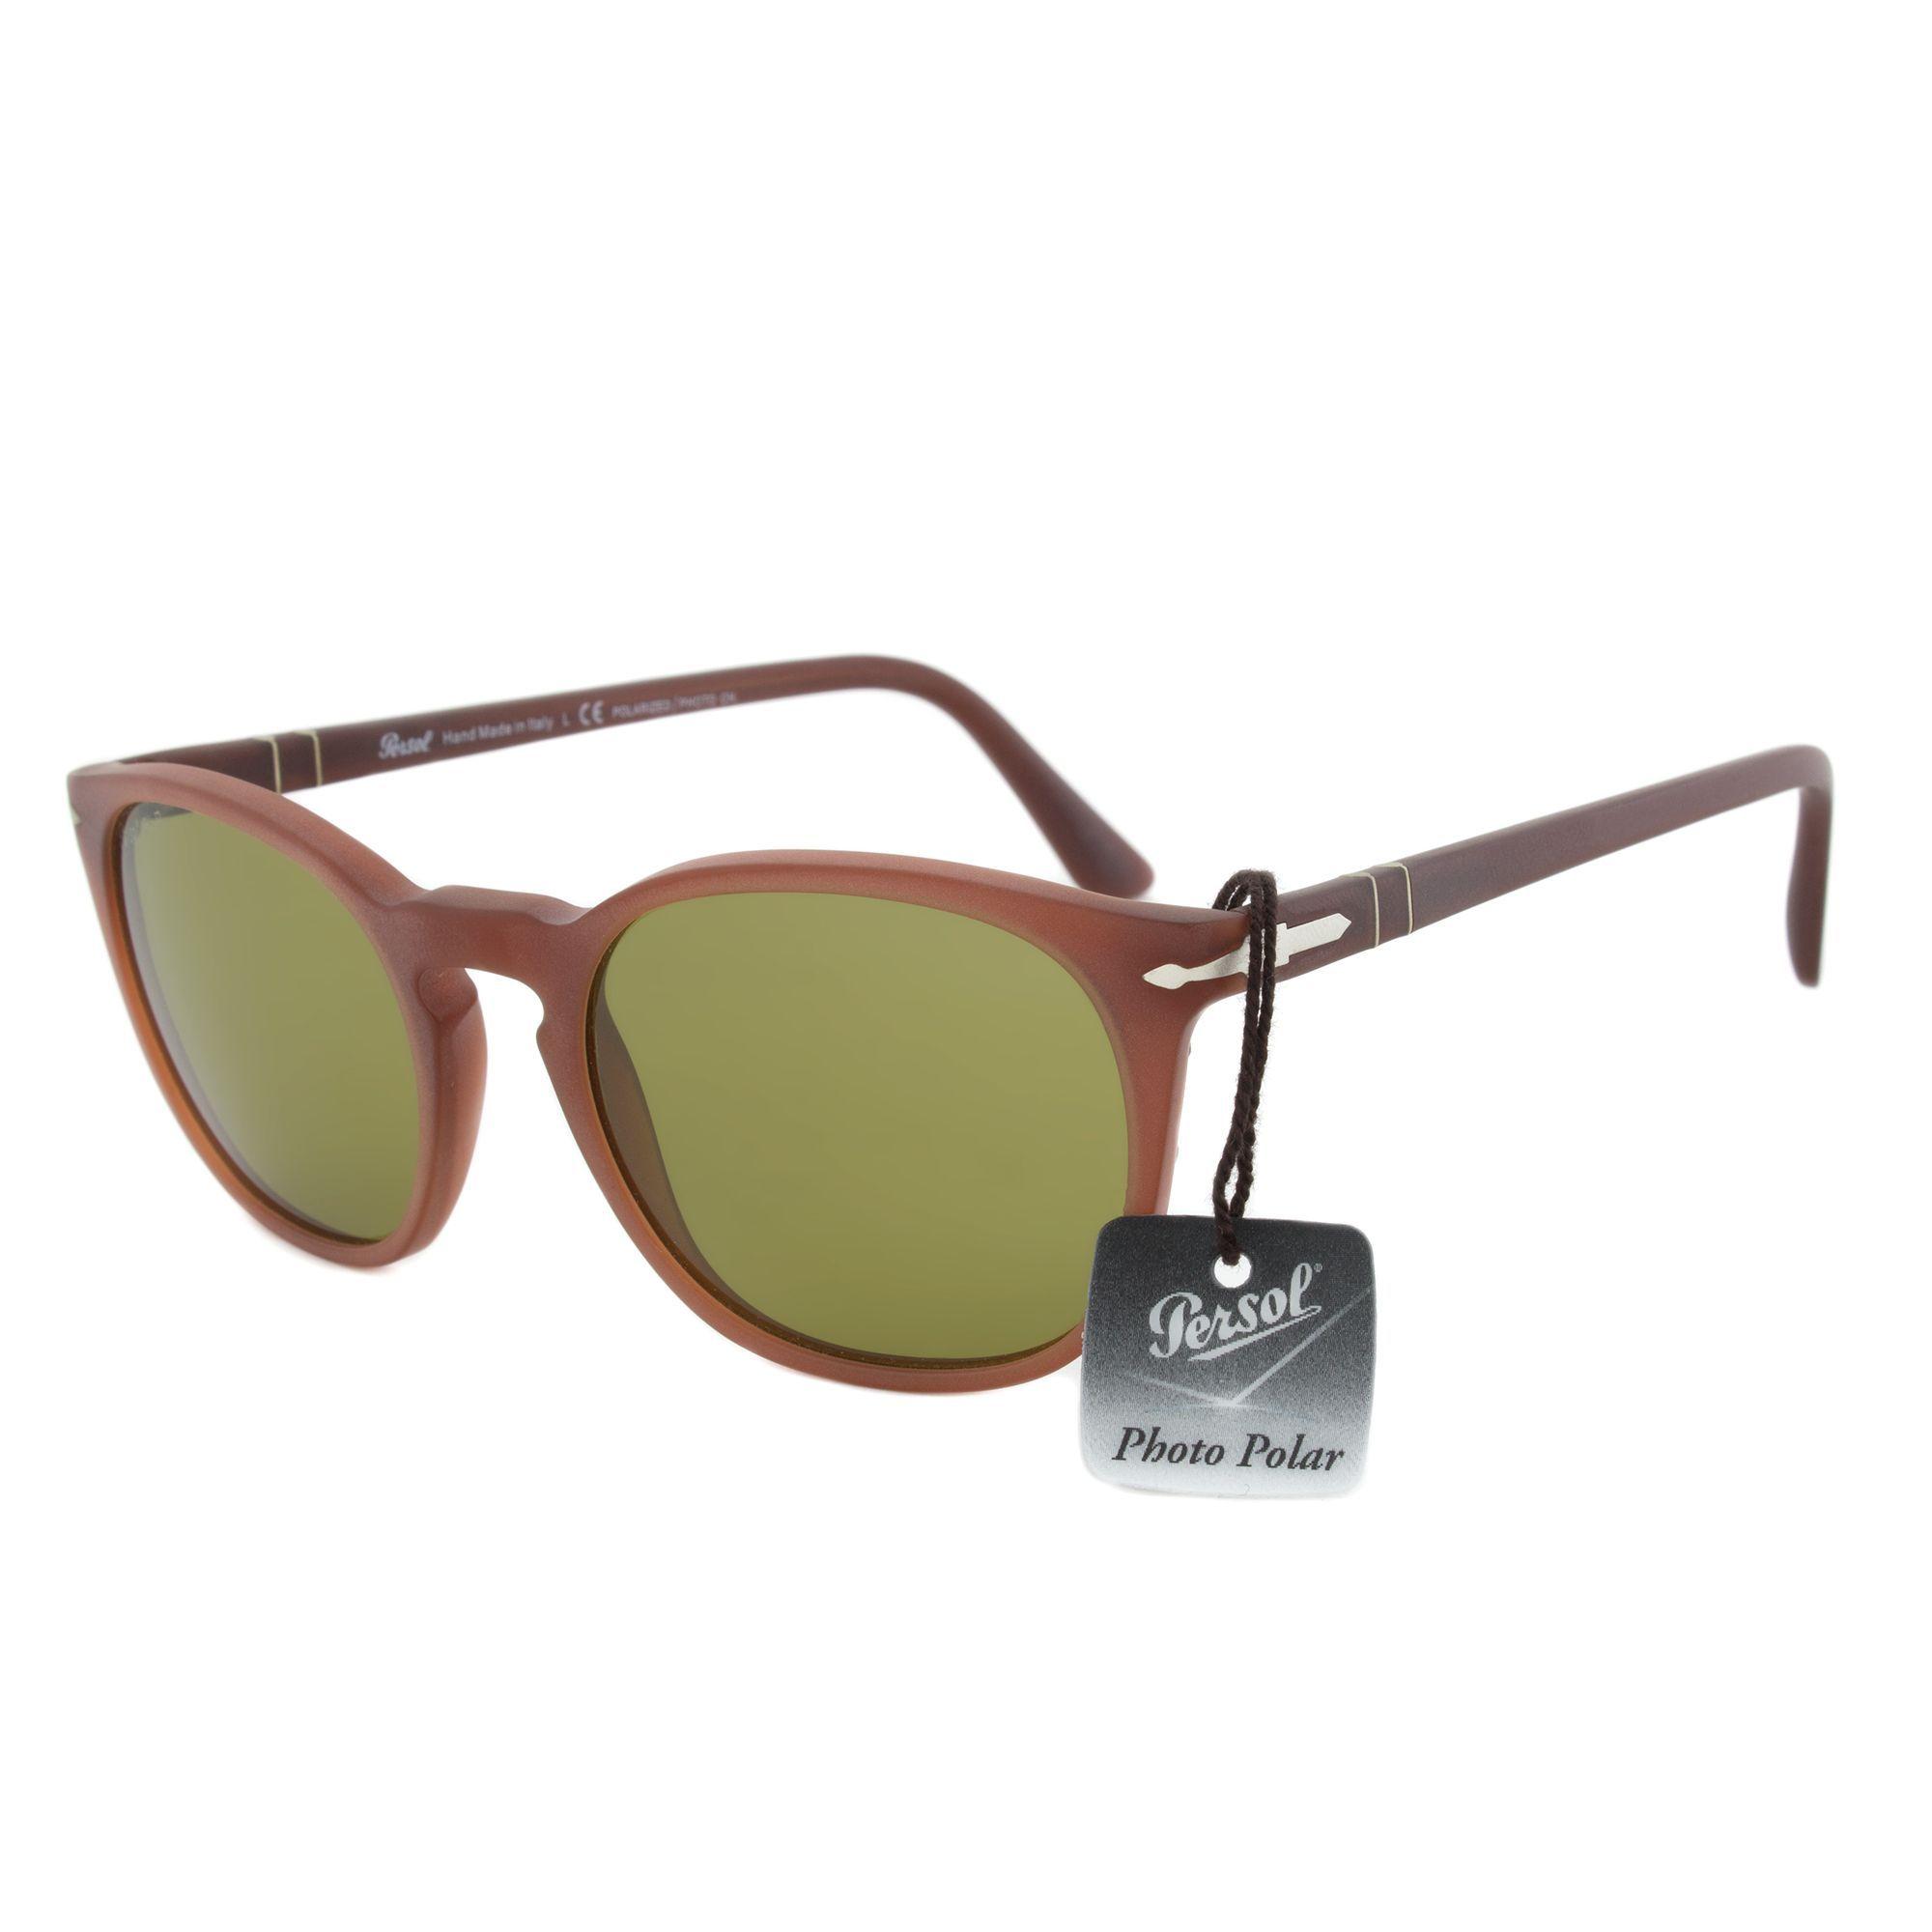 ATTCL Herren HOT Al-Mg Metallrahmen Polarisierte Fahren Sonnenbrille Herren Damen 16560 grau blau W6BDxb